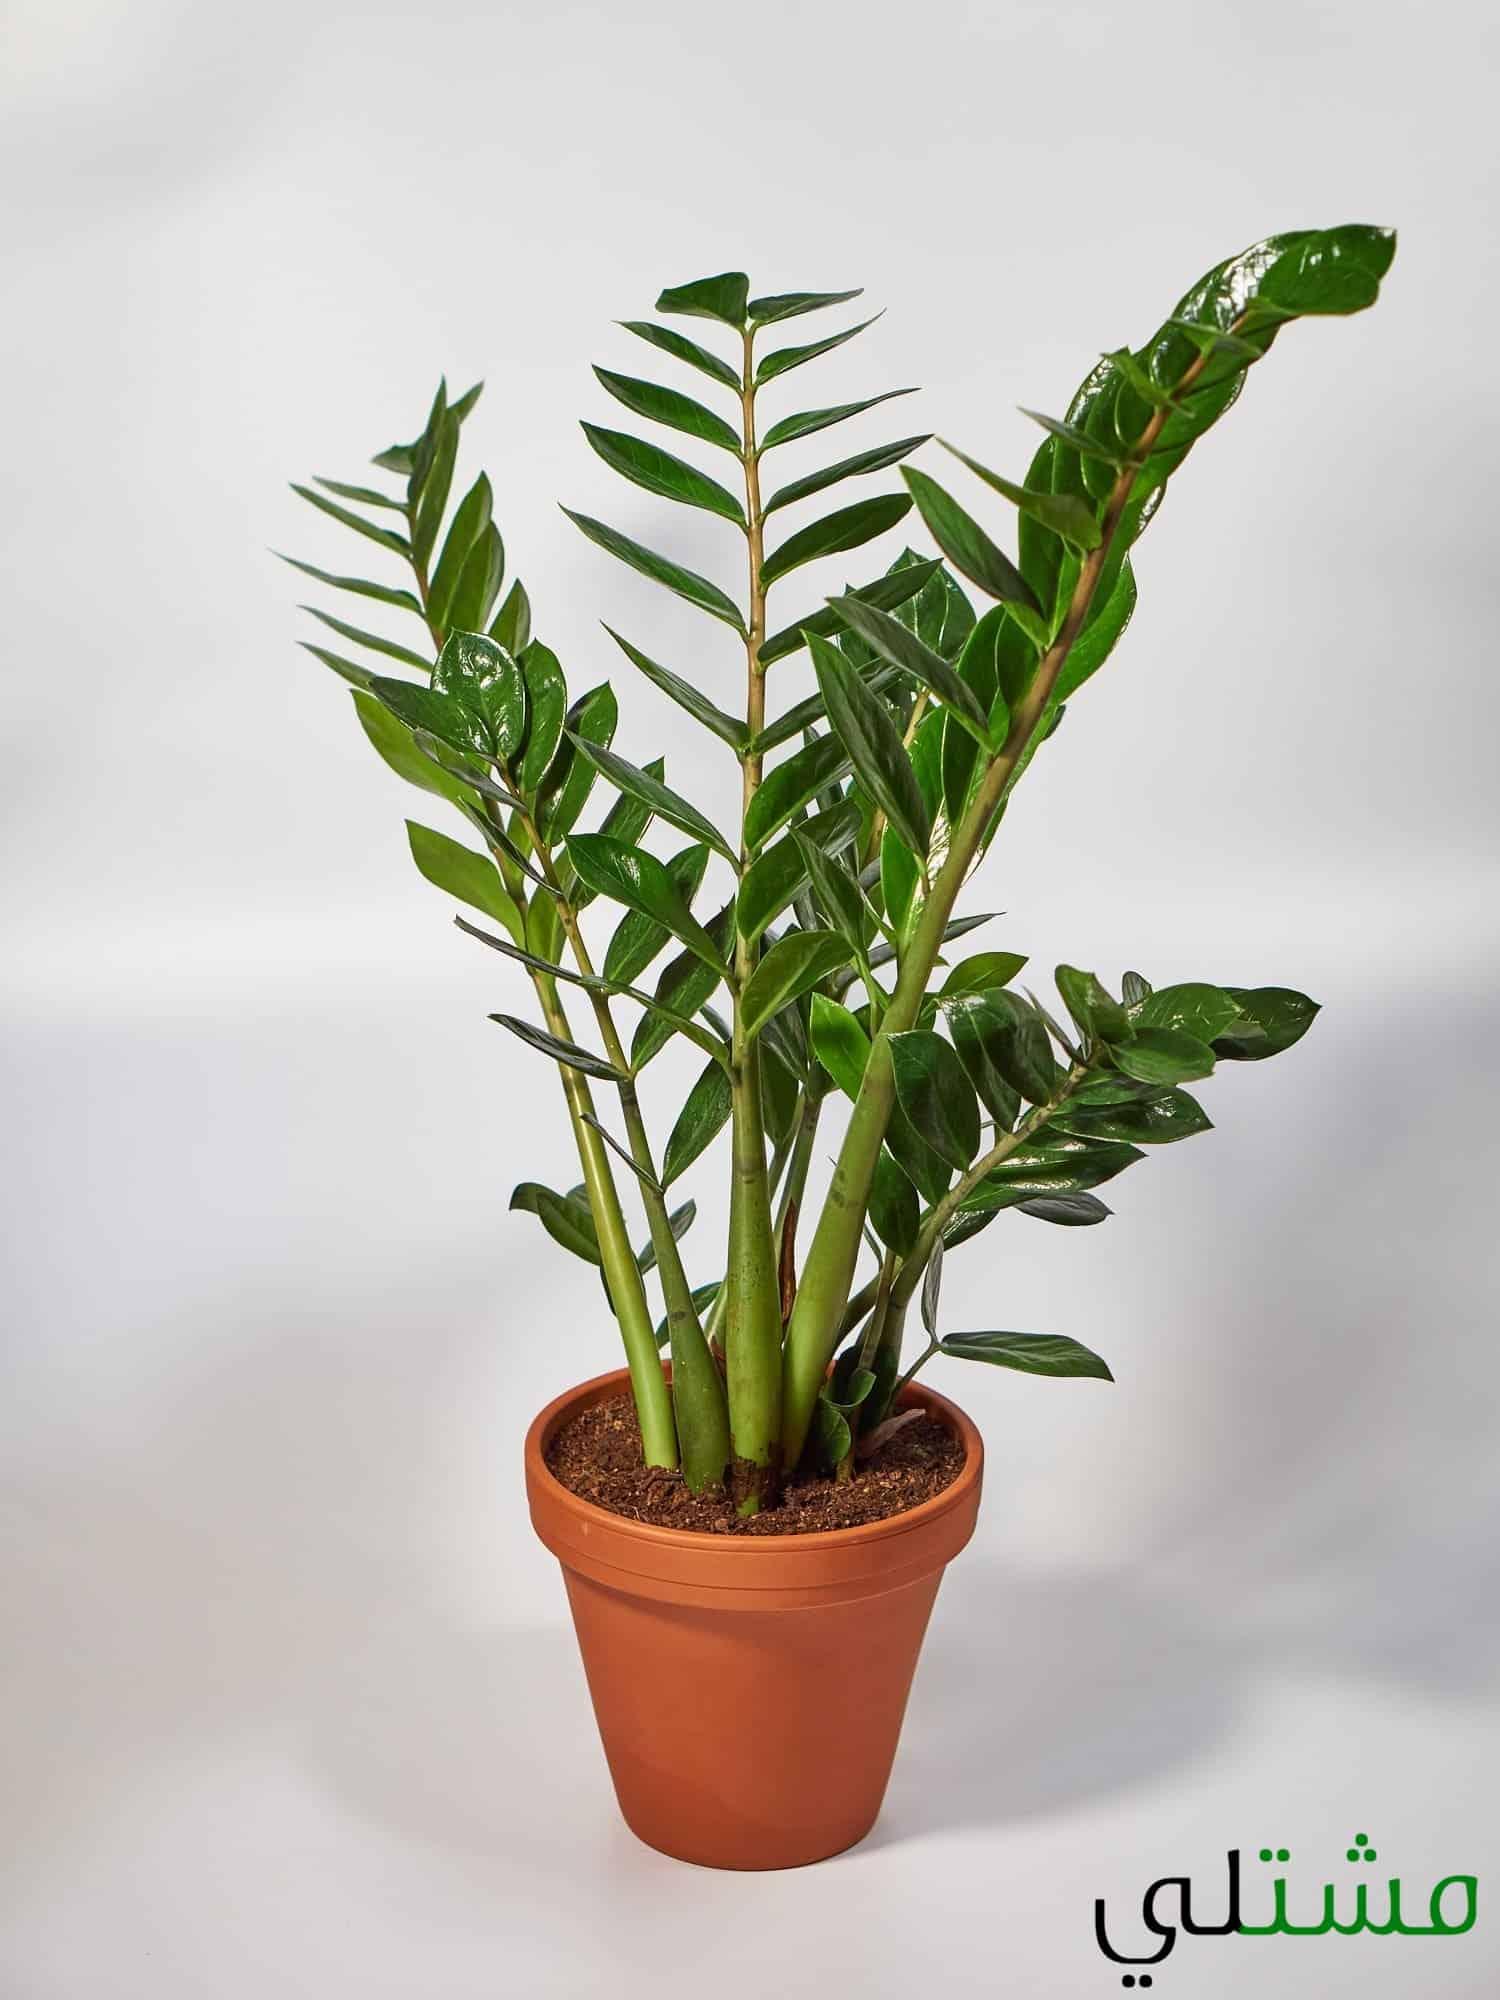 نبات الزاميا كولاس و اسمها العلمي Zamioculcas Zamiifolia مشتلي